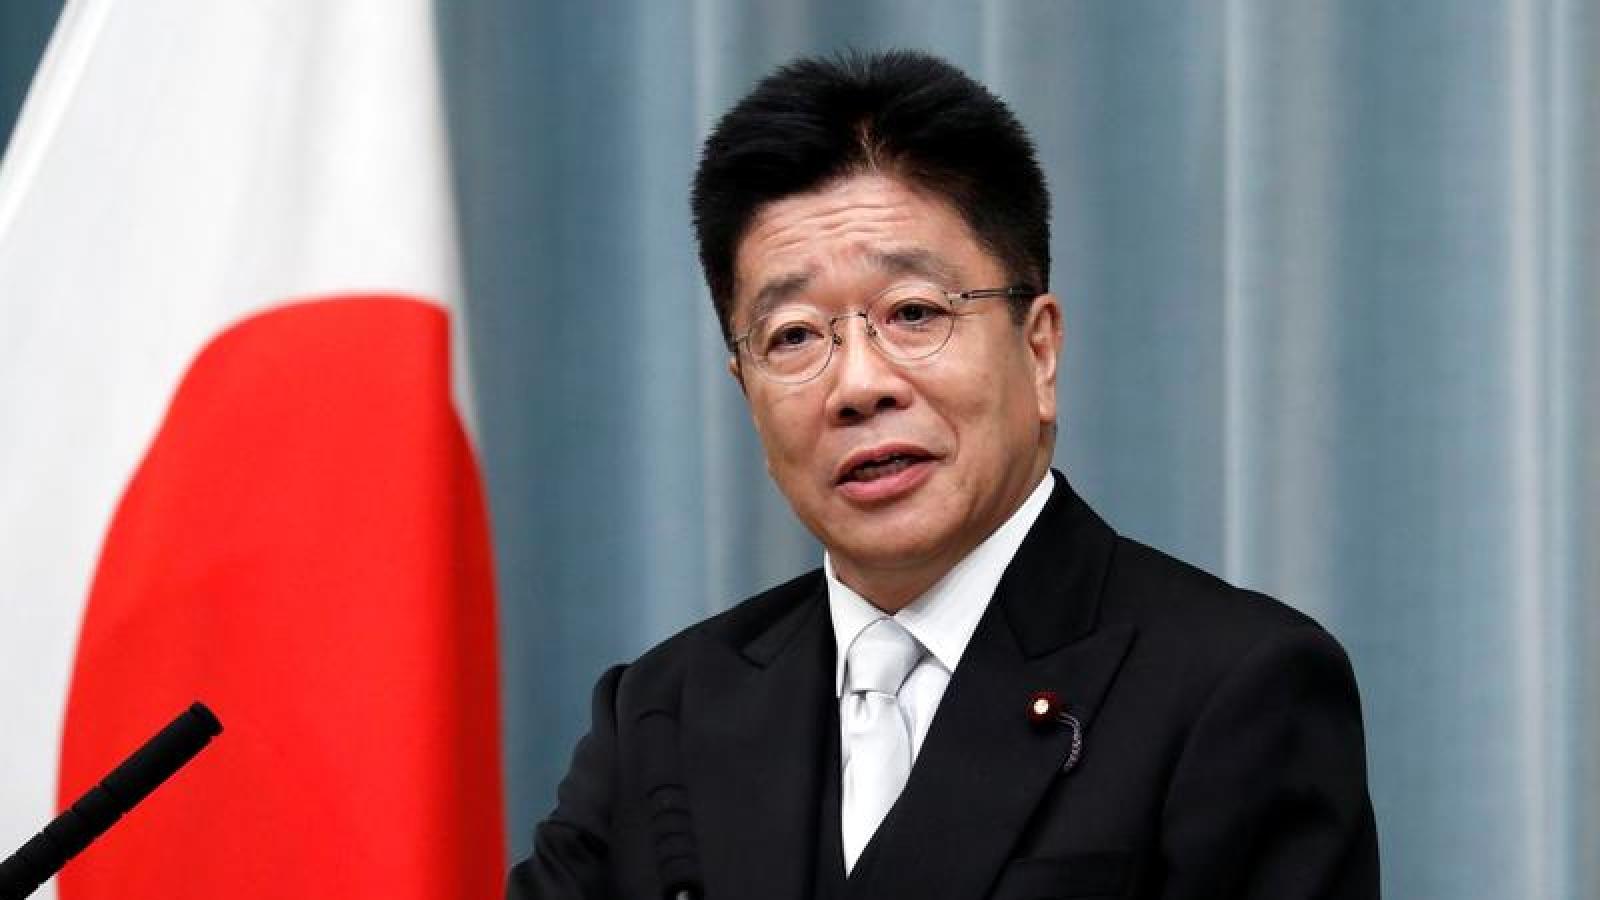 Nhật - Hàn thúc đẩy hợp tác đa phương giải quyết hồ sơ hạt nhân Triều Tiên